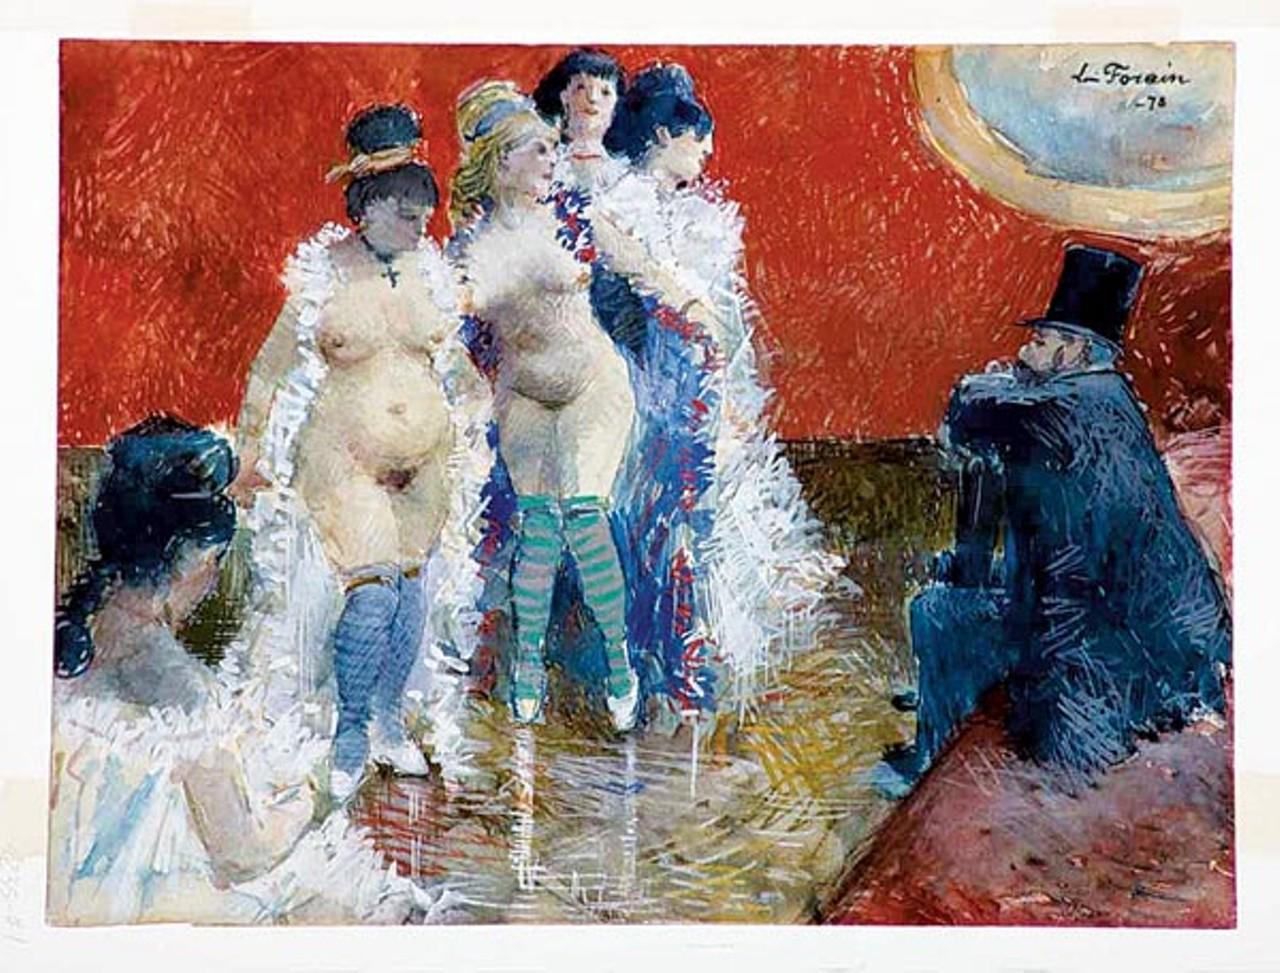 jean louis forain Jean louis forain 1852-1931 tu me fais des cachoteries comme si j'étais  jalousie pen and black ink 10 5/8 x 8 1/2 inches (270 x 216 mm) bequest of  alex.